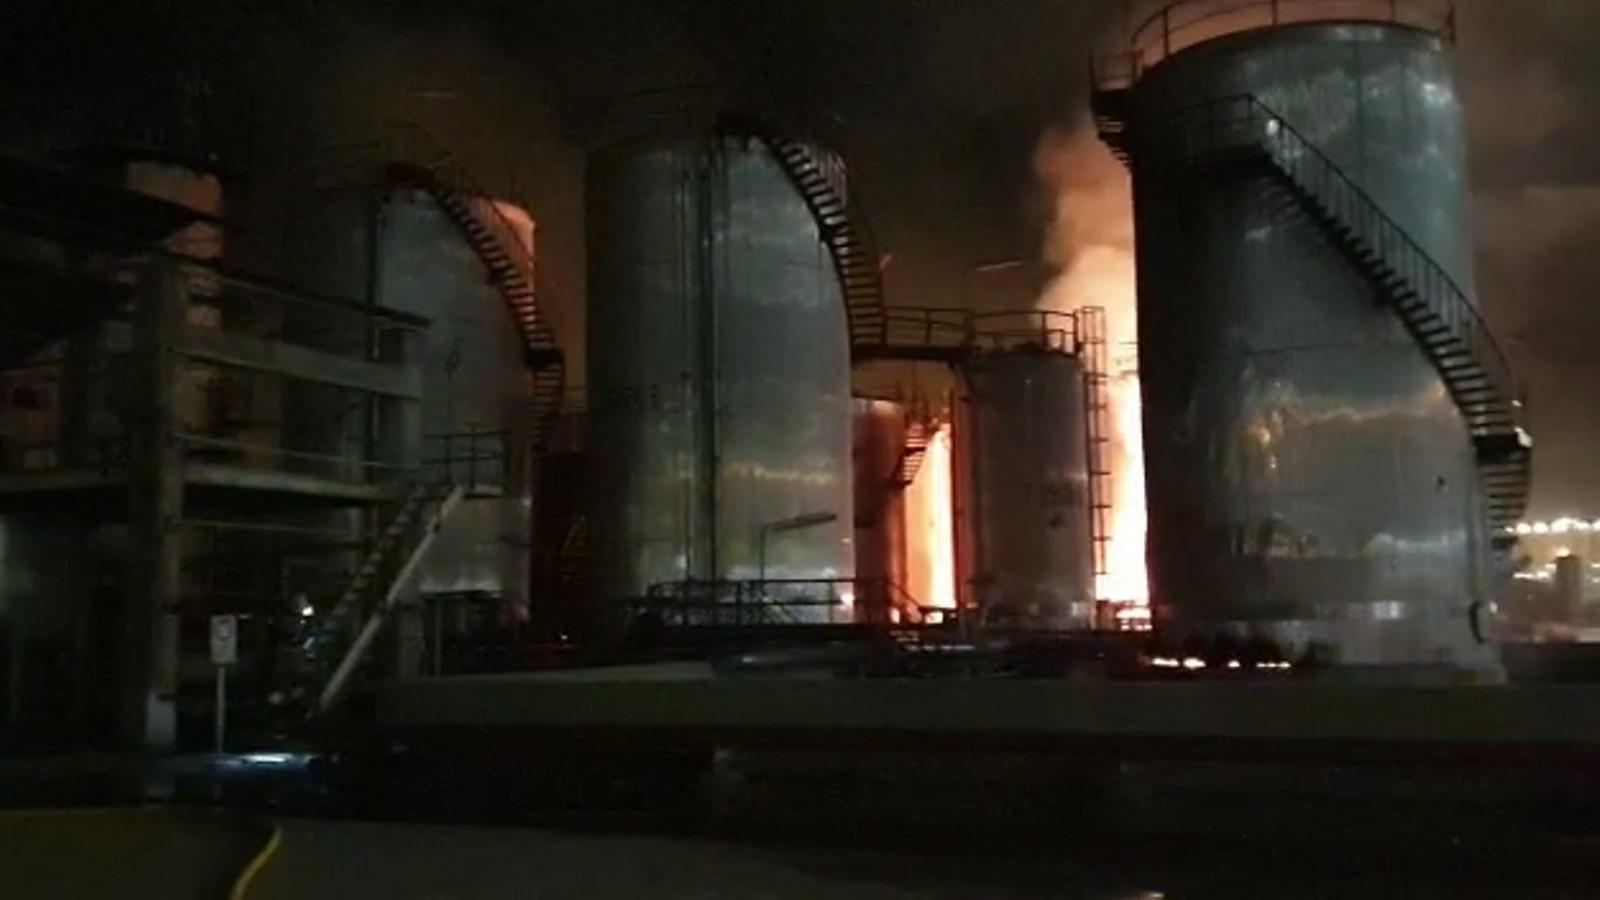 Tasques d'extinció dels Bombers de l'incendi posterior a l'explosió a la petroquímica de Tarragona